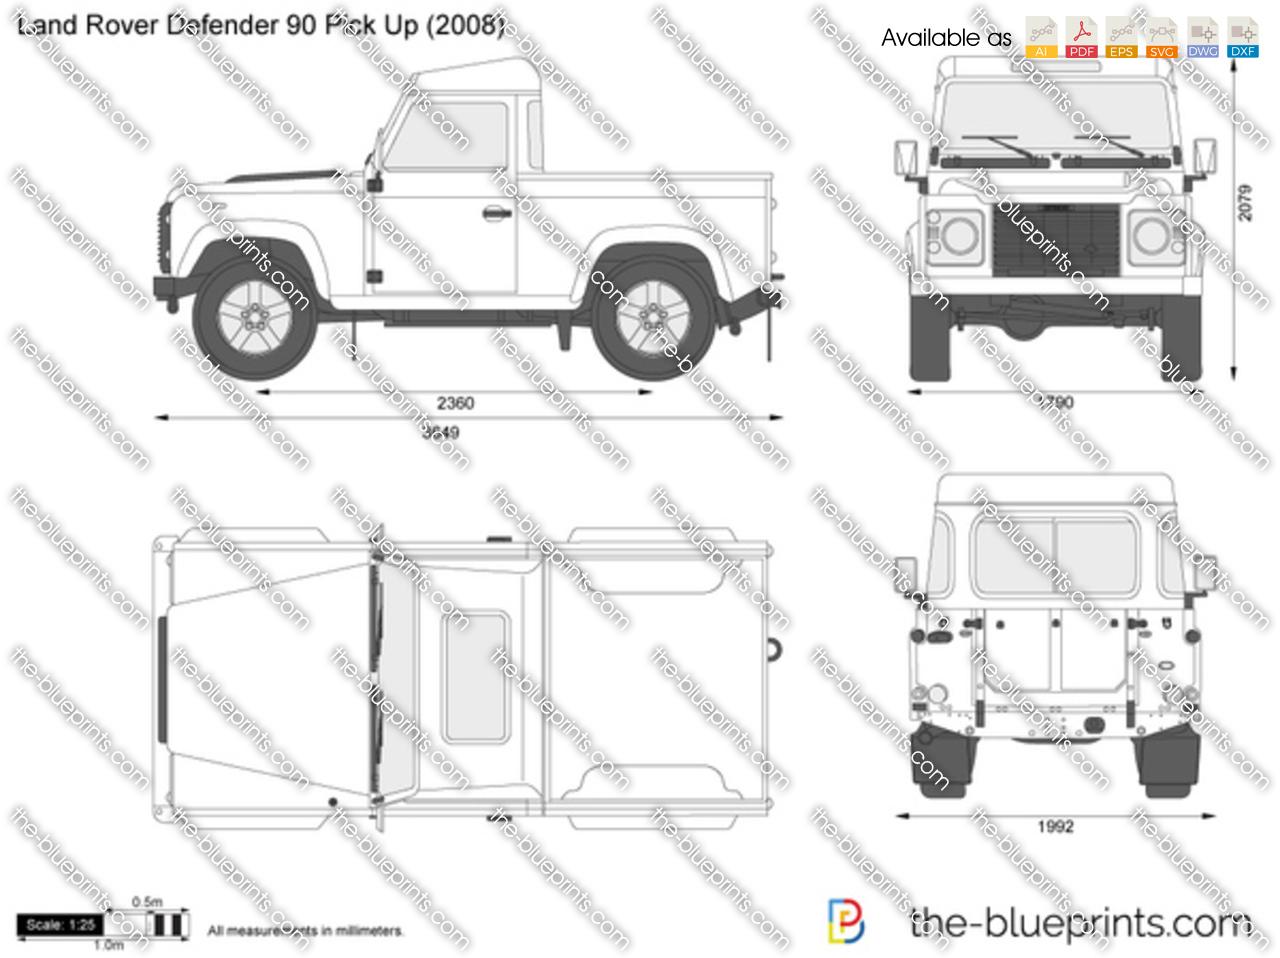 Land Rover Defender 90 Pick Up 2012